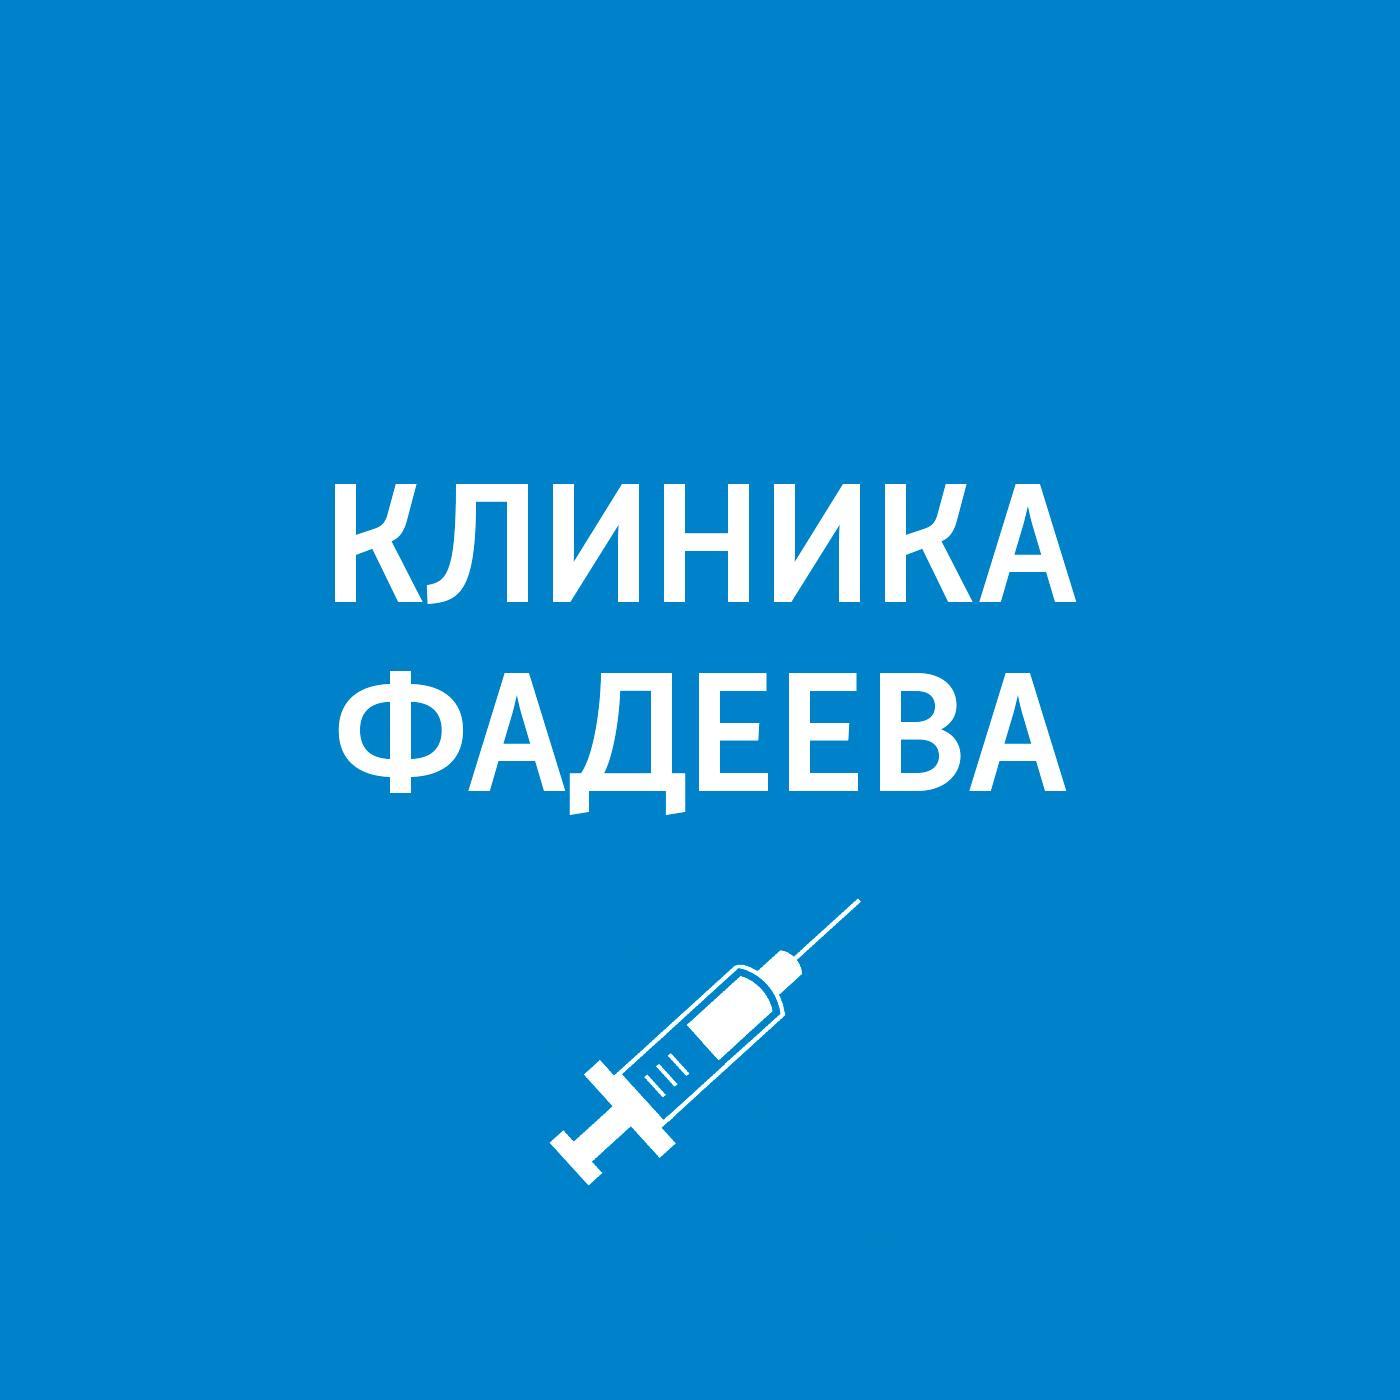 Пётр Фадеев Приём ведёт детский хирург-офтальмолог. Ответы на вопросы